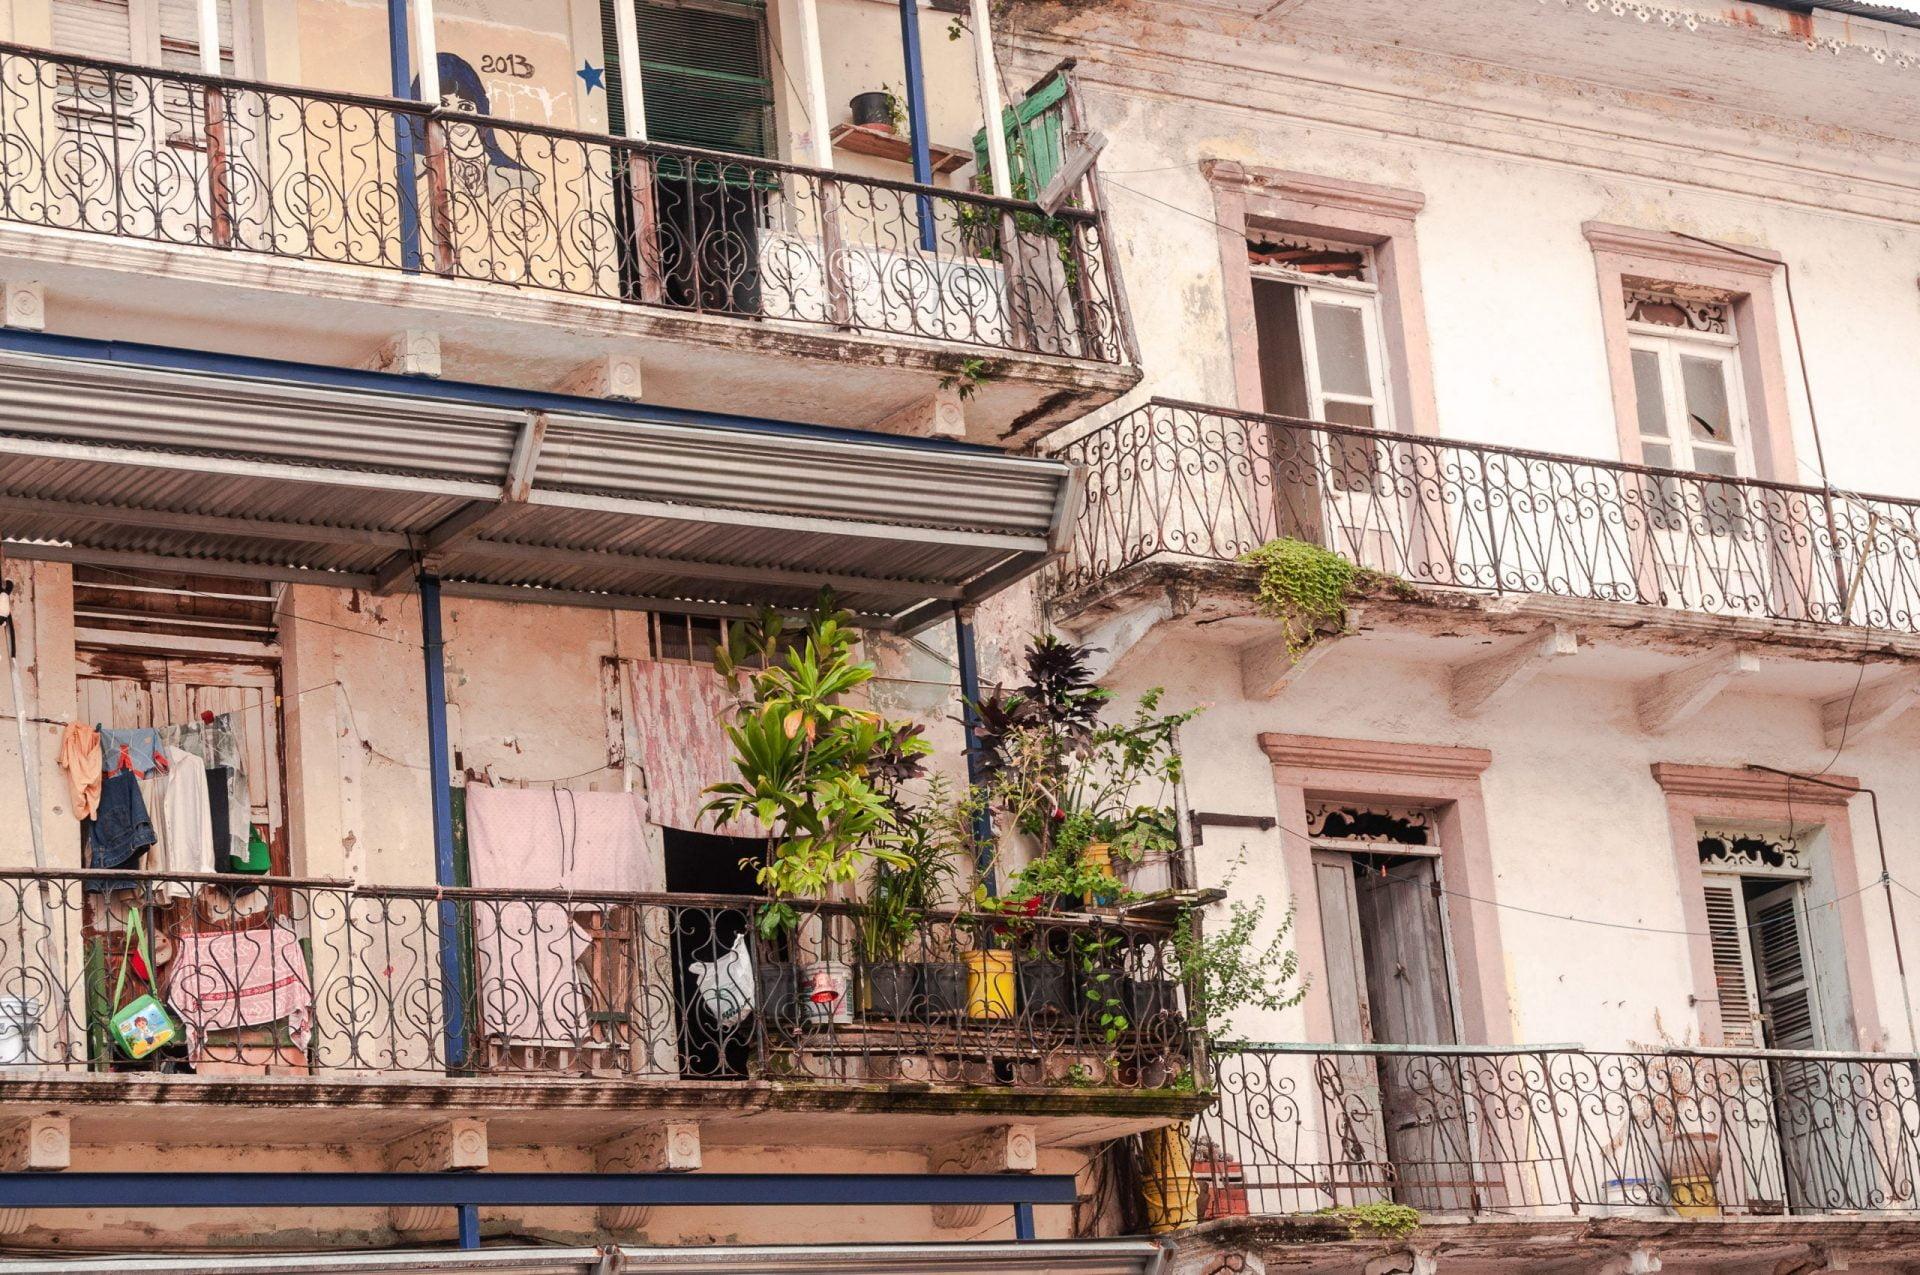 Panama city 9 scaled - Les globe blogueurs - blog voyage nature